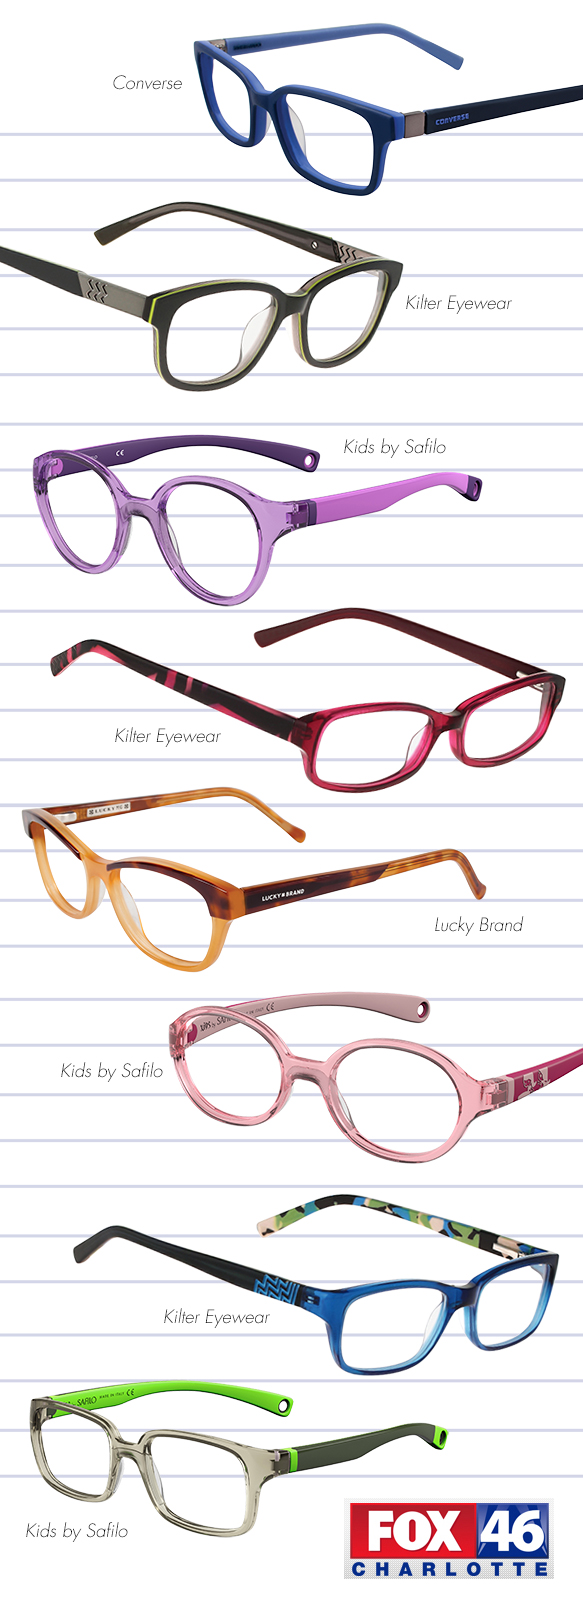 Converse (K020), Kilter Eyewear (K4006), Kids by Safilo (SA0006), Kilter Eyewear (K5005), Lucky Brand (D702), Kids by Safilo (SA0004), Kilter Eyewear (K4003), Kids by Safilo (SA0005)